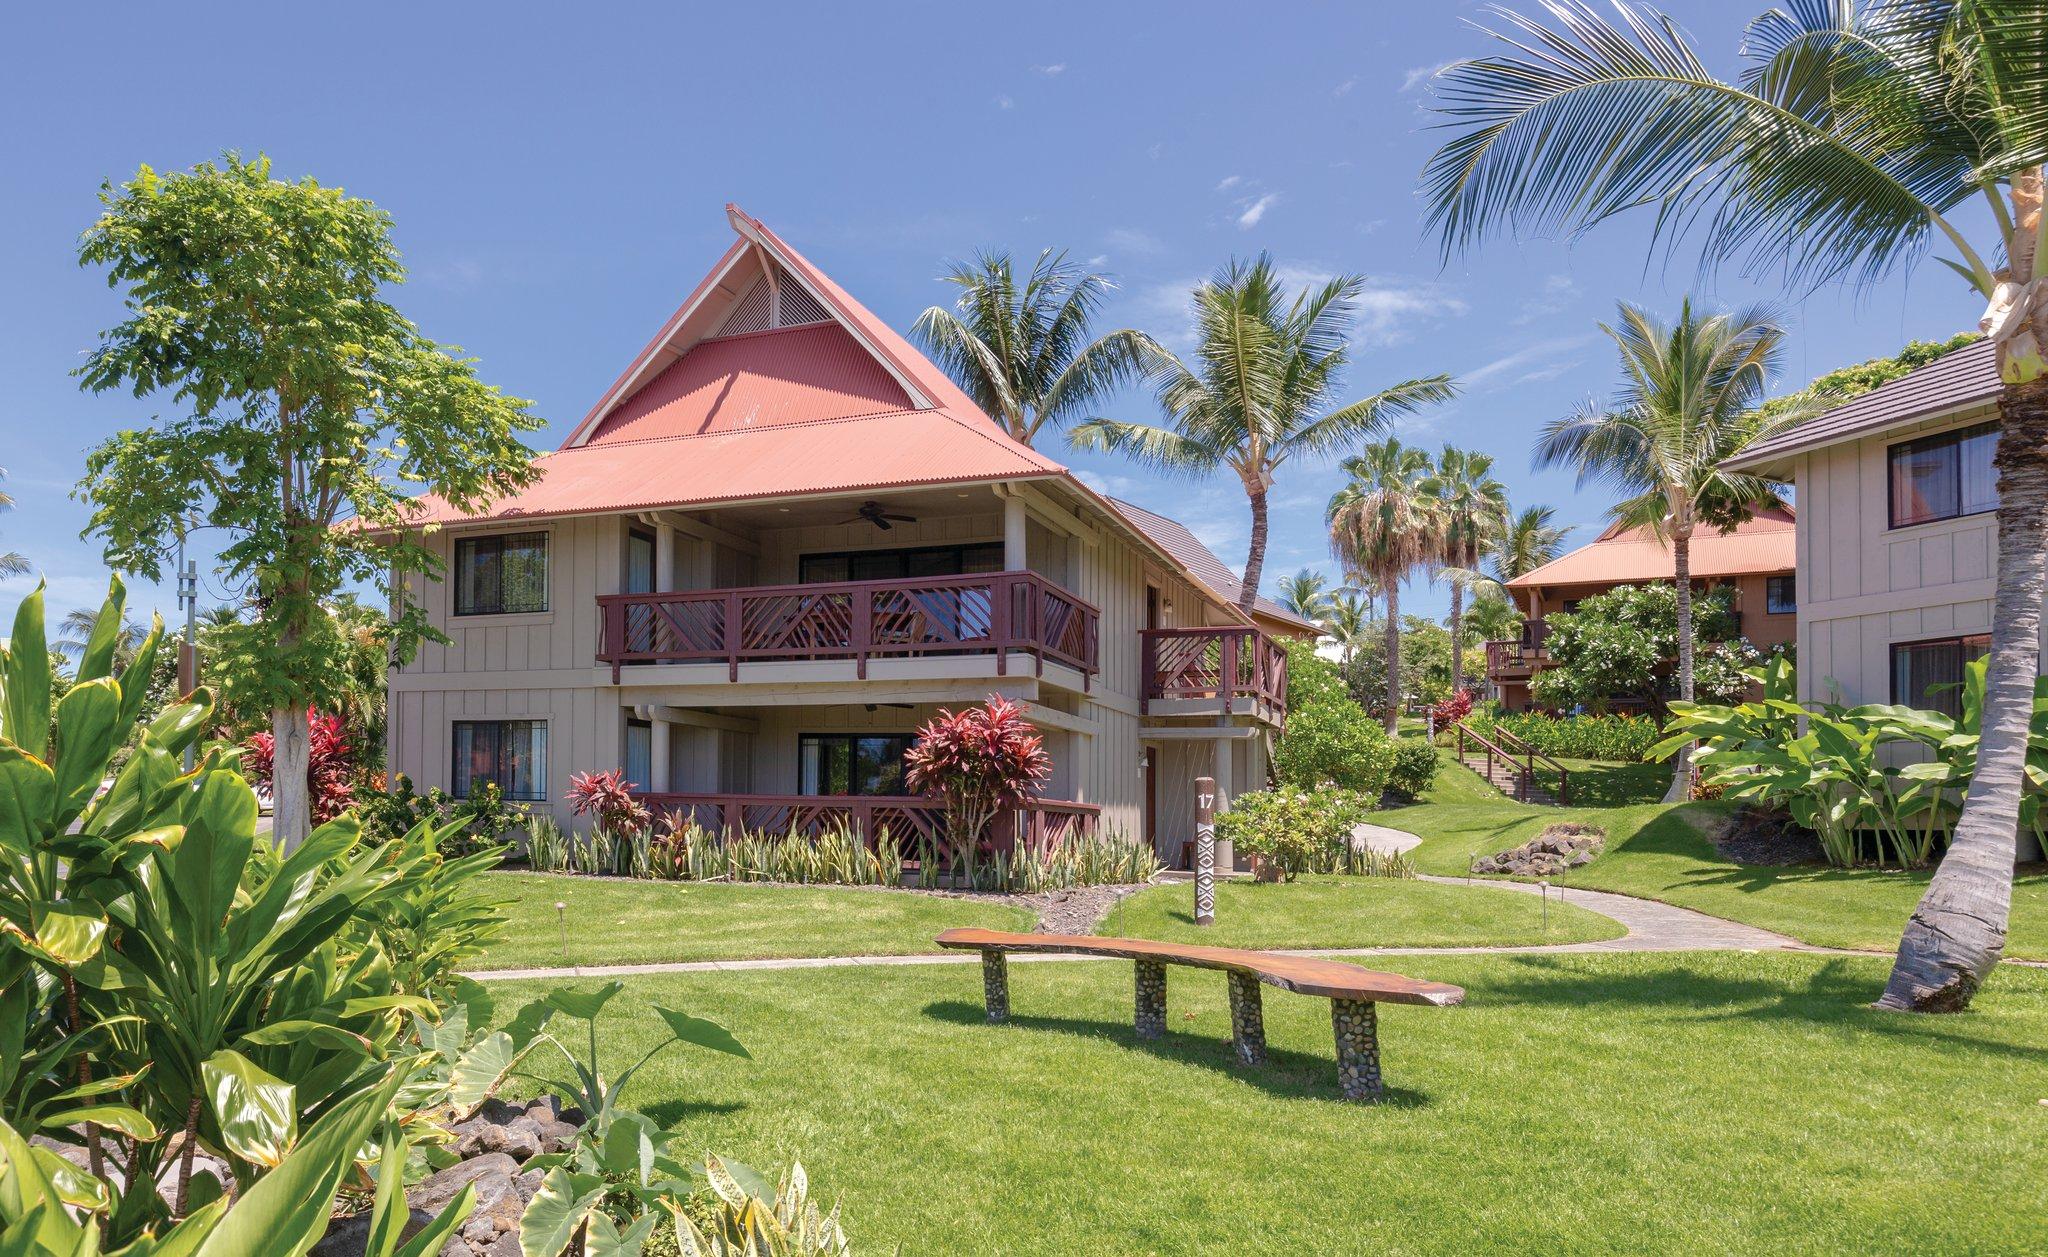 Wyndham Vac Resorts-Kona Hawaiian Resort